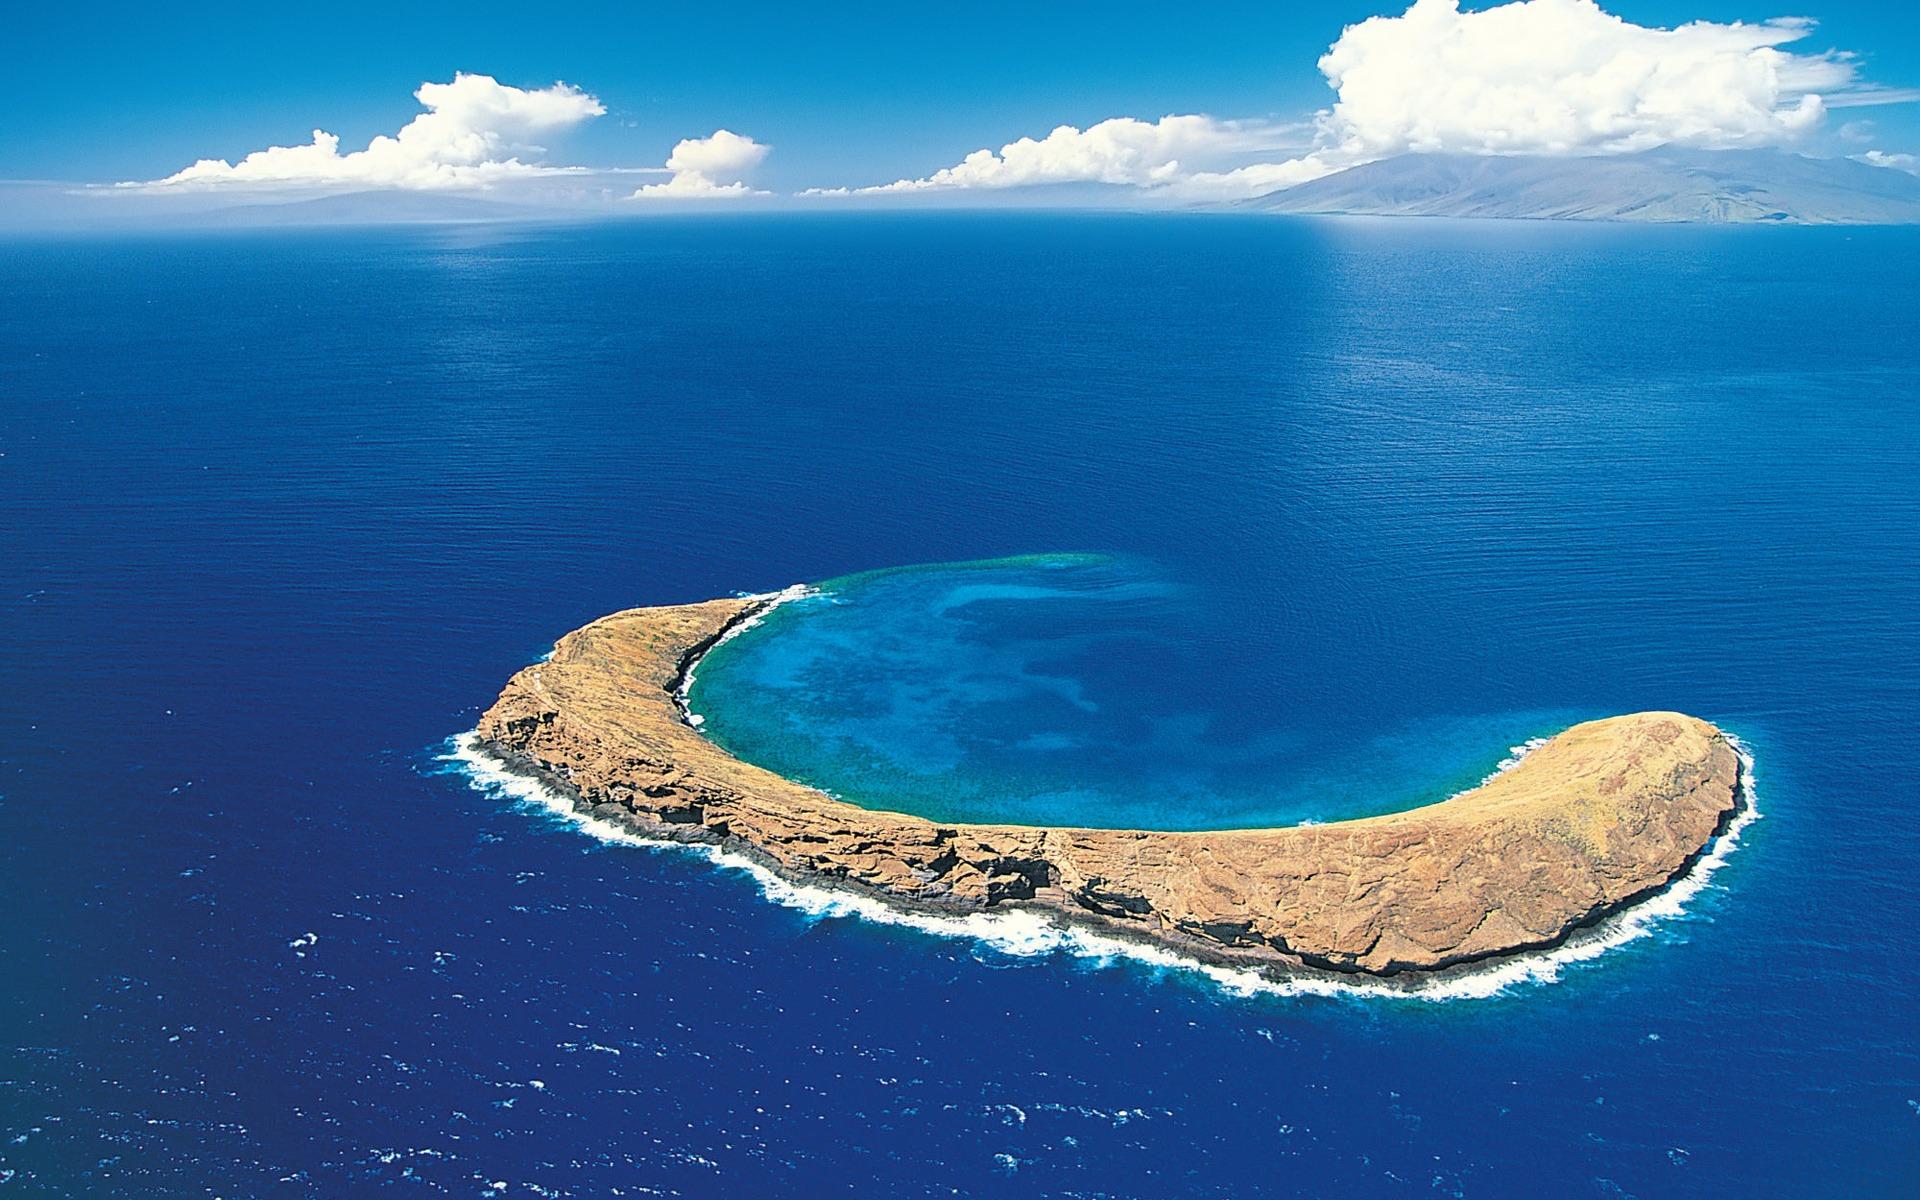 stiati_Ca_hawaii